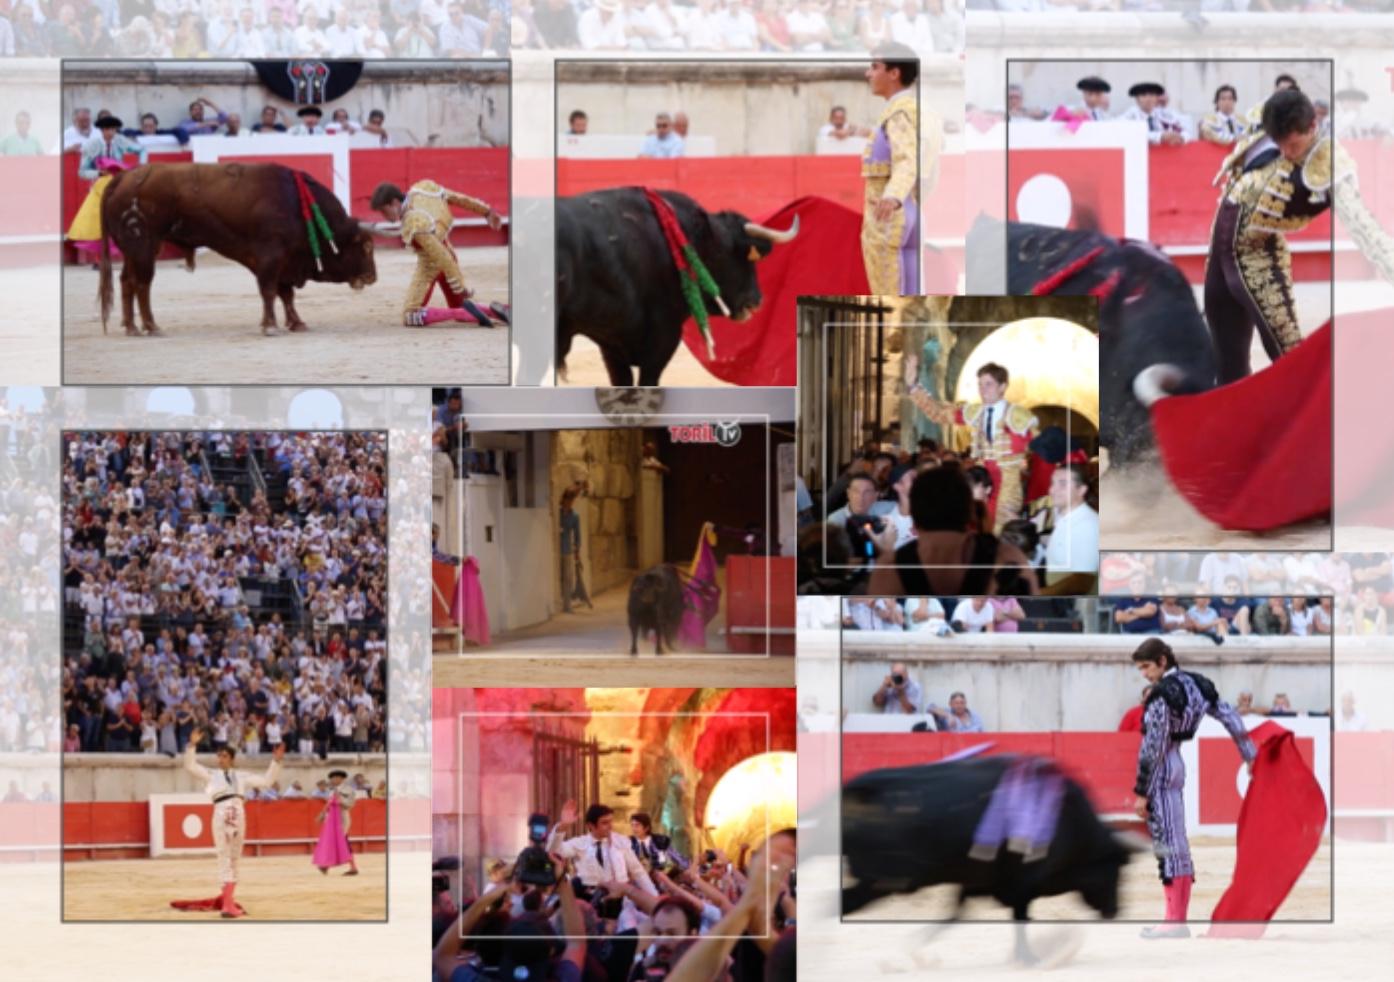 VIDEO // Retour en vidéo sur les corridas de la Féria des Vendanges 2019 à Nîmes